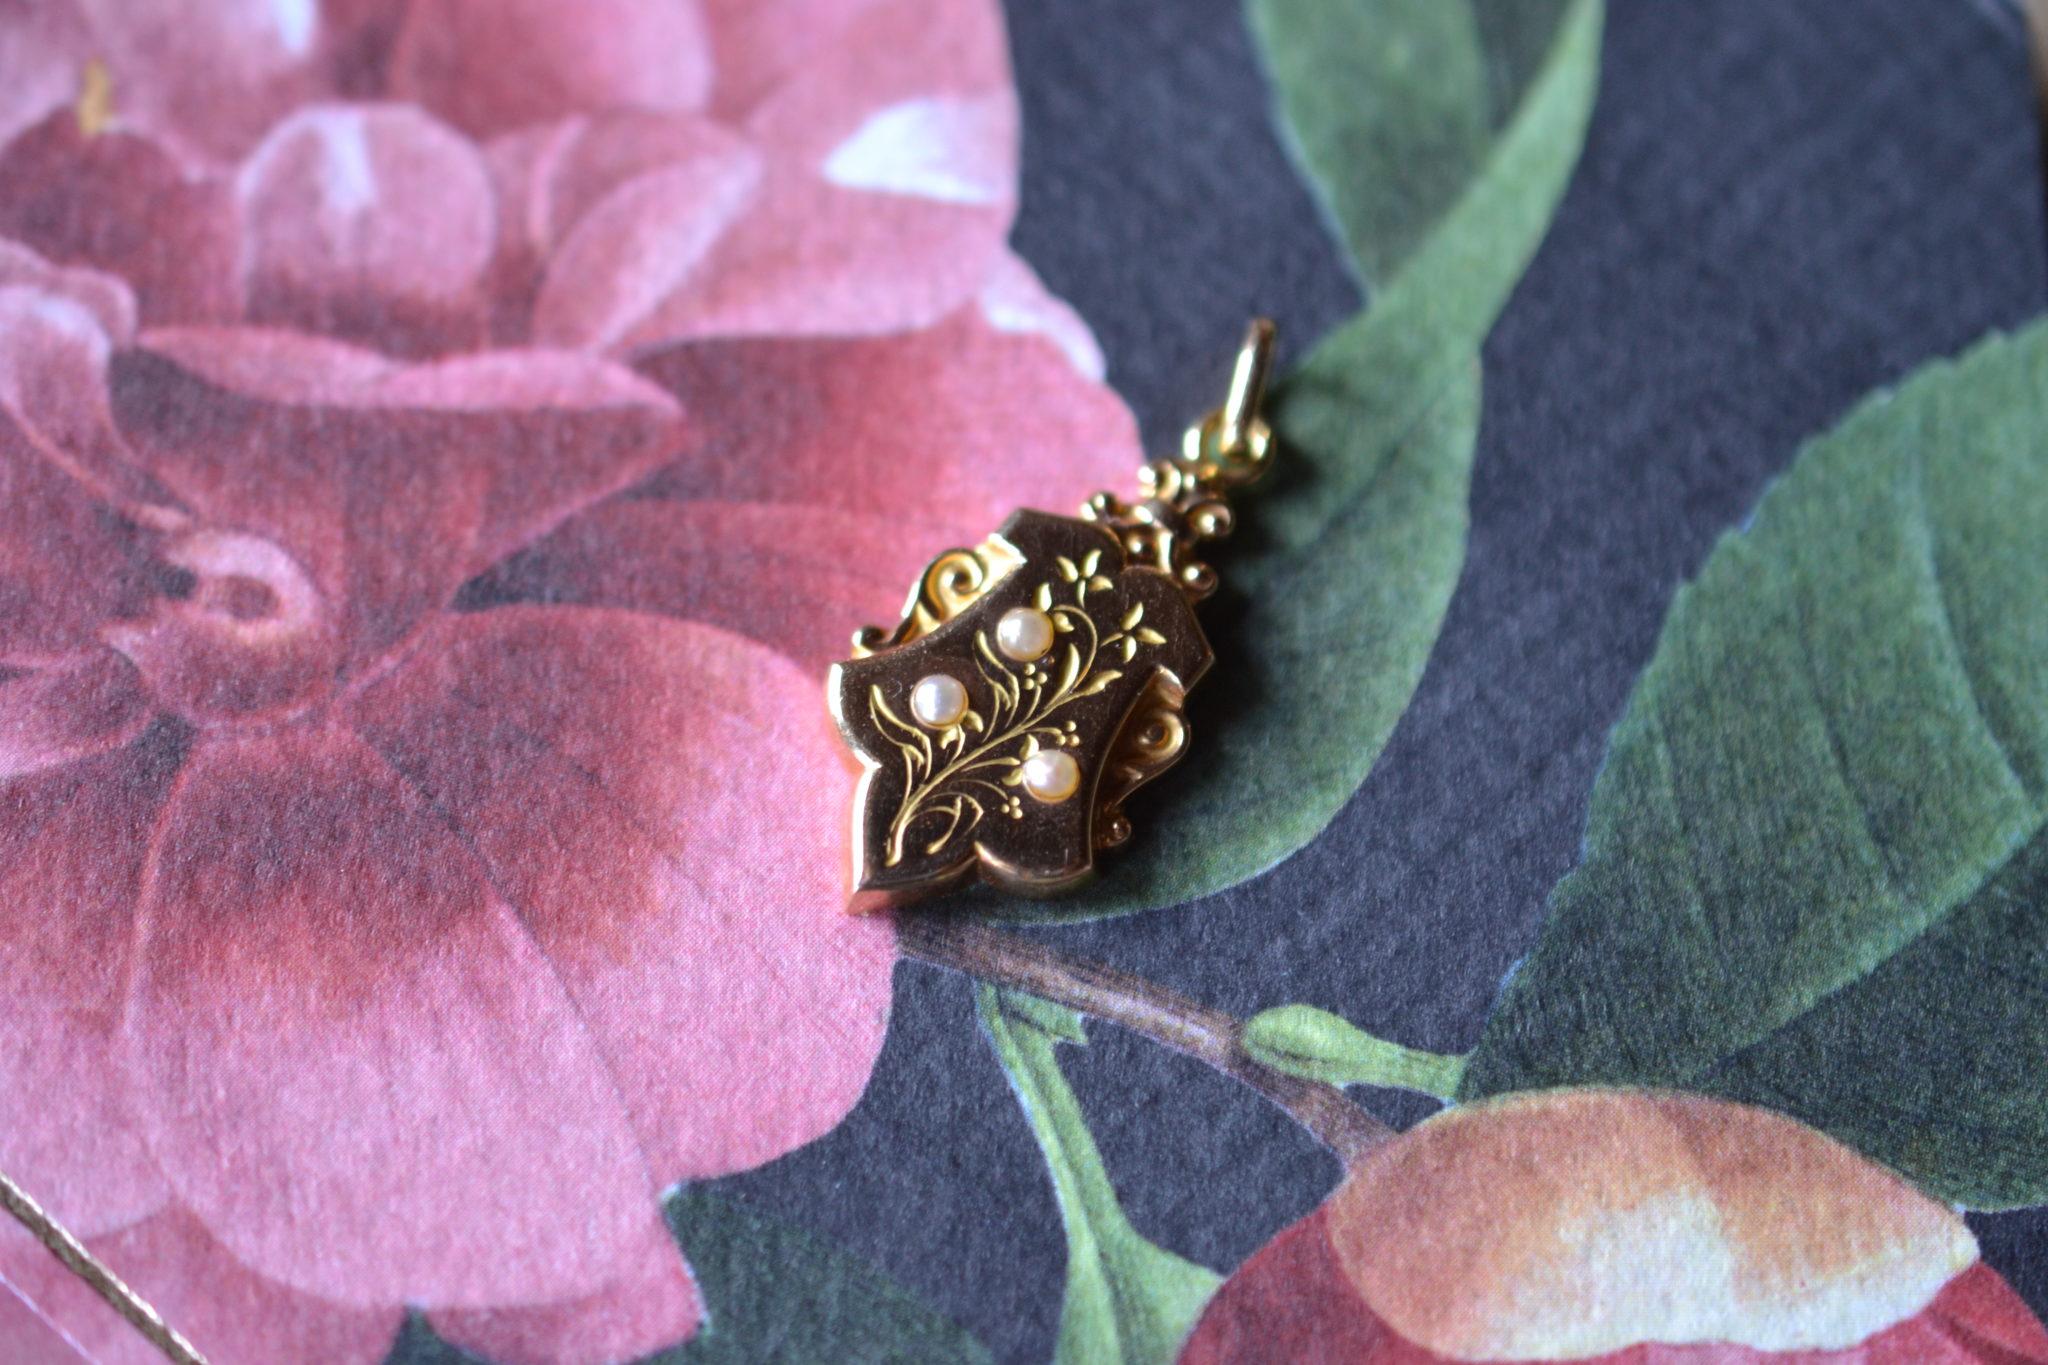 Pendentif Ancien Décor Floral Gravé Et Perle Centrale - Bijoux Anciens En Or Jaune - Bijoux Zero Déchet